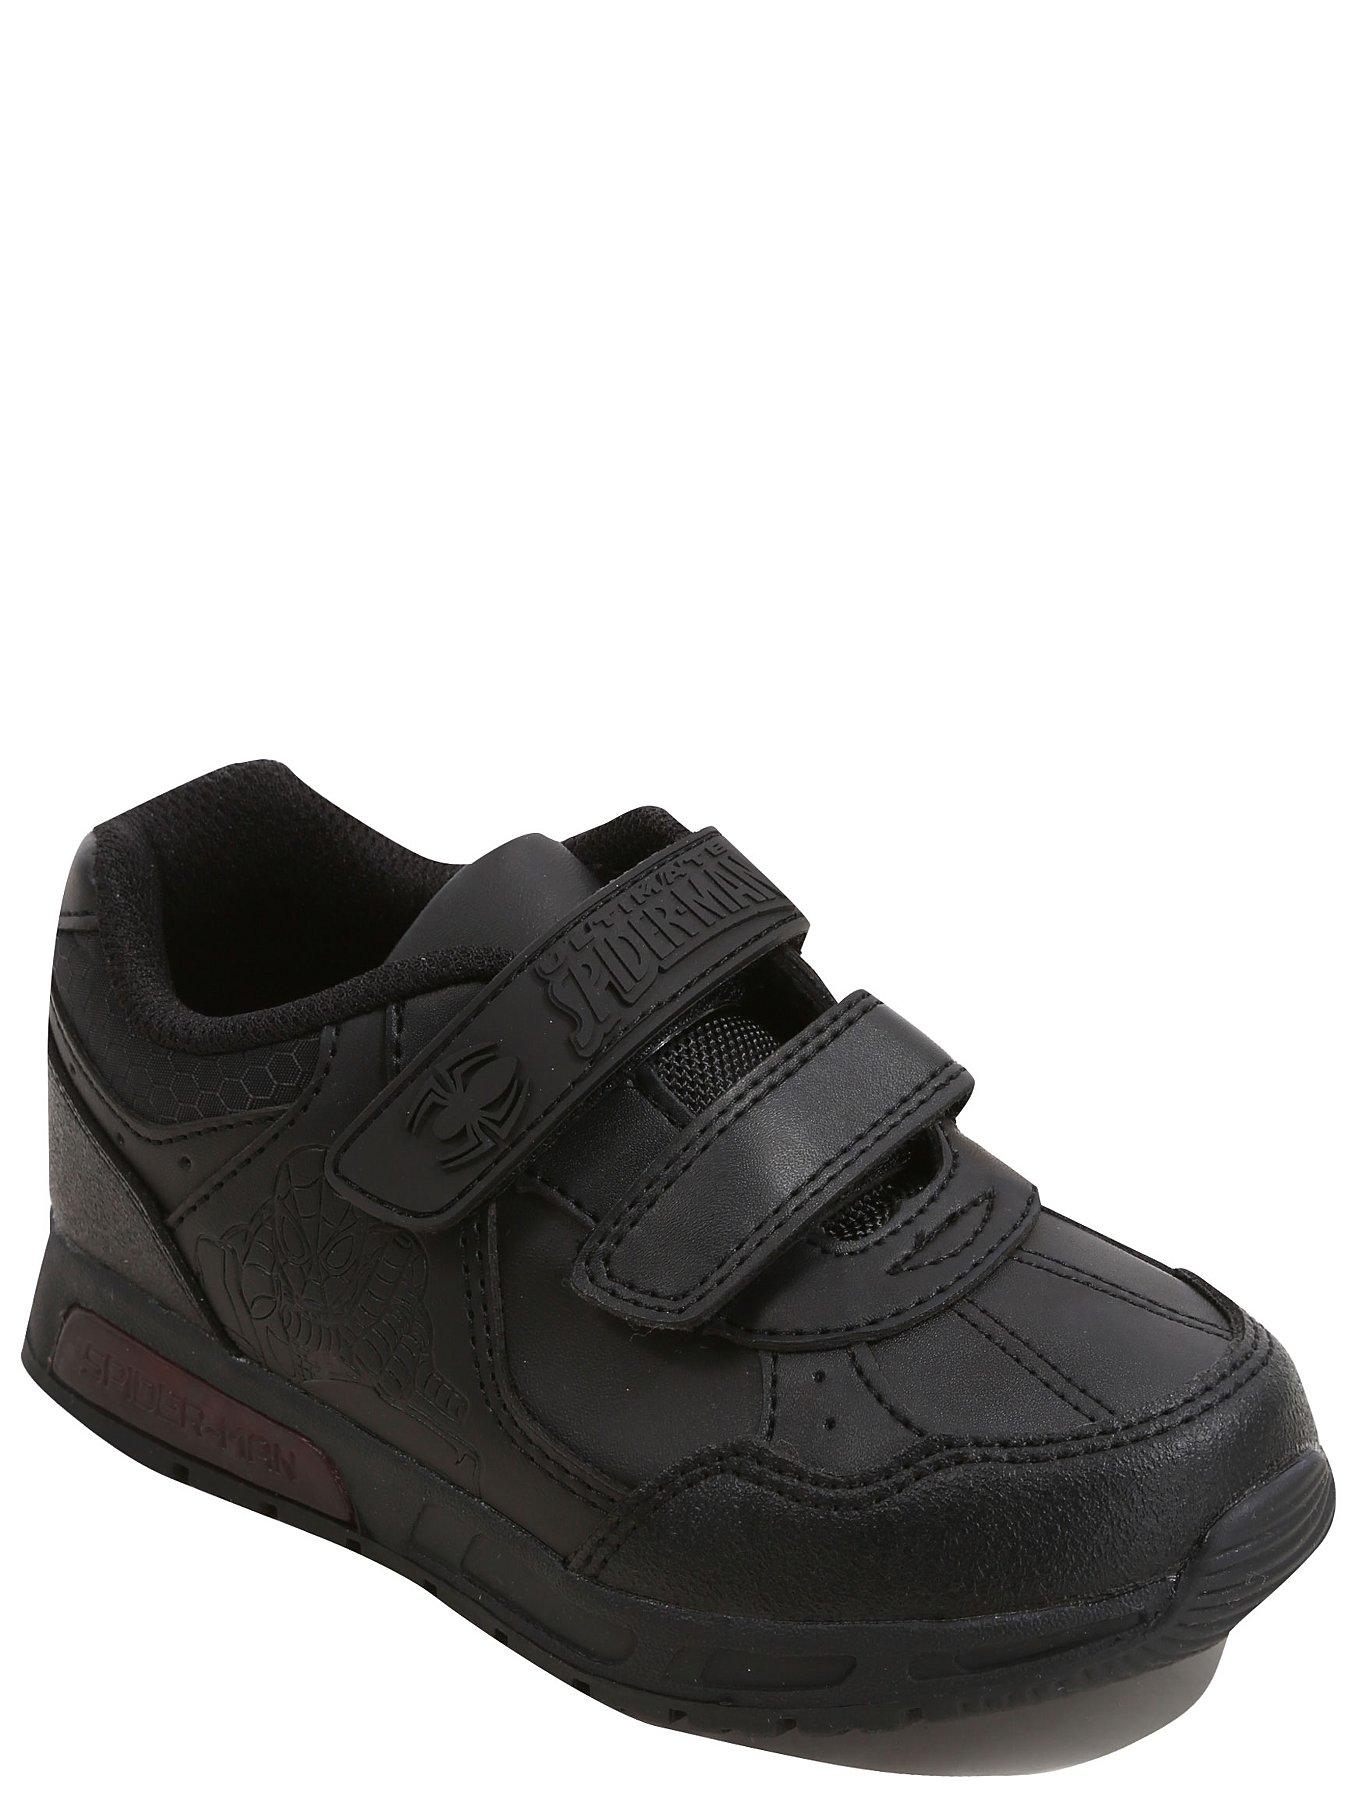 Asda Noys Black Shoes